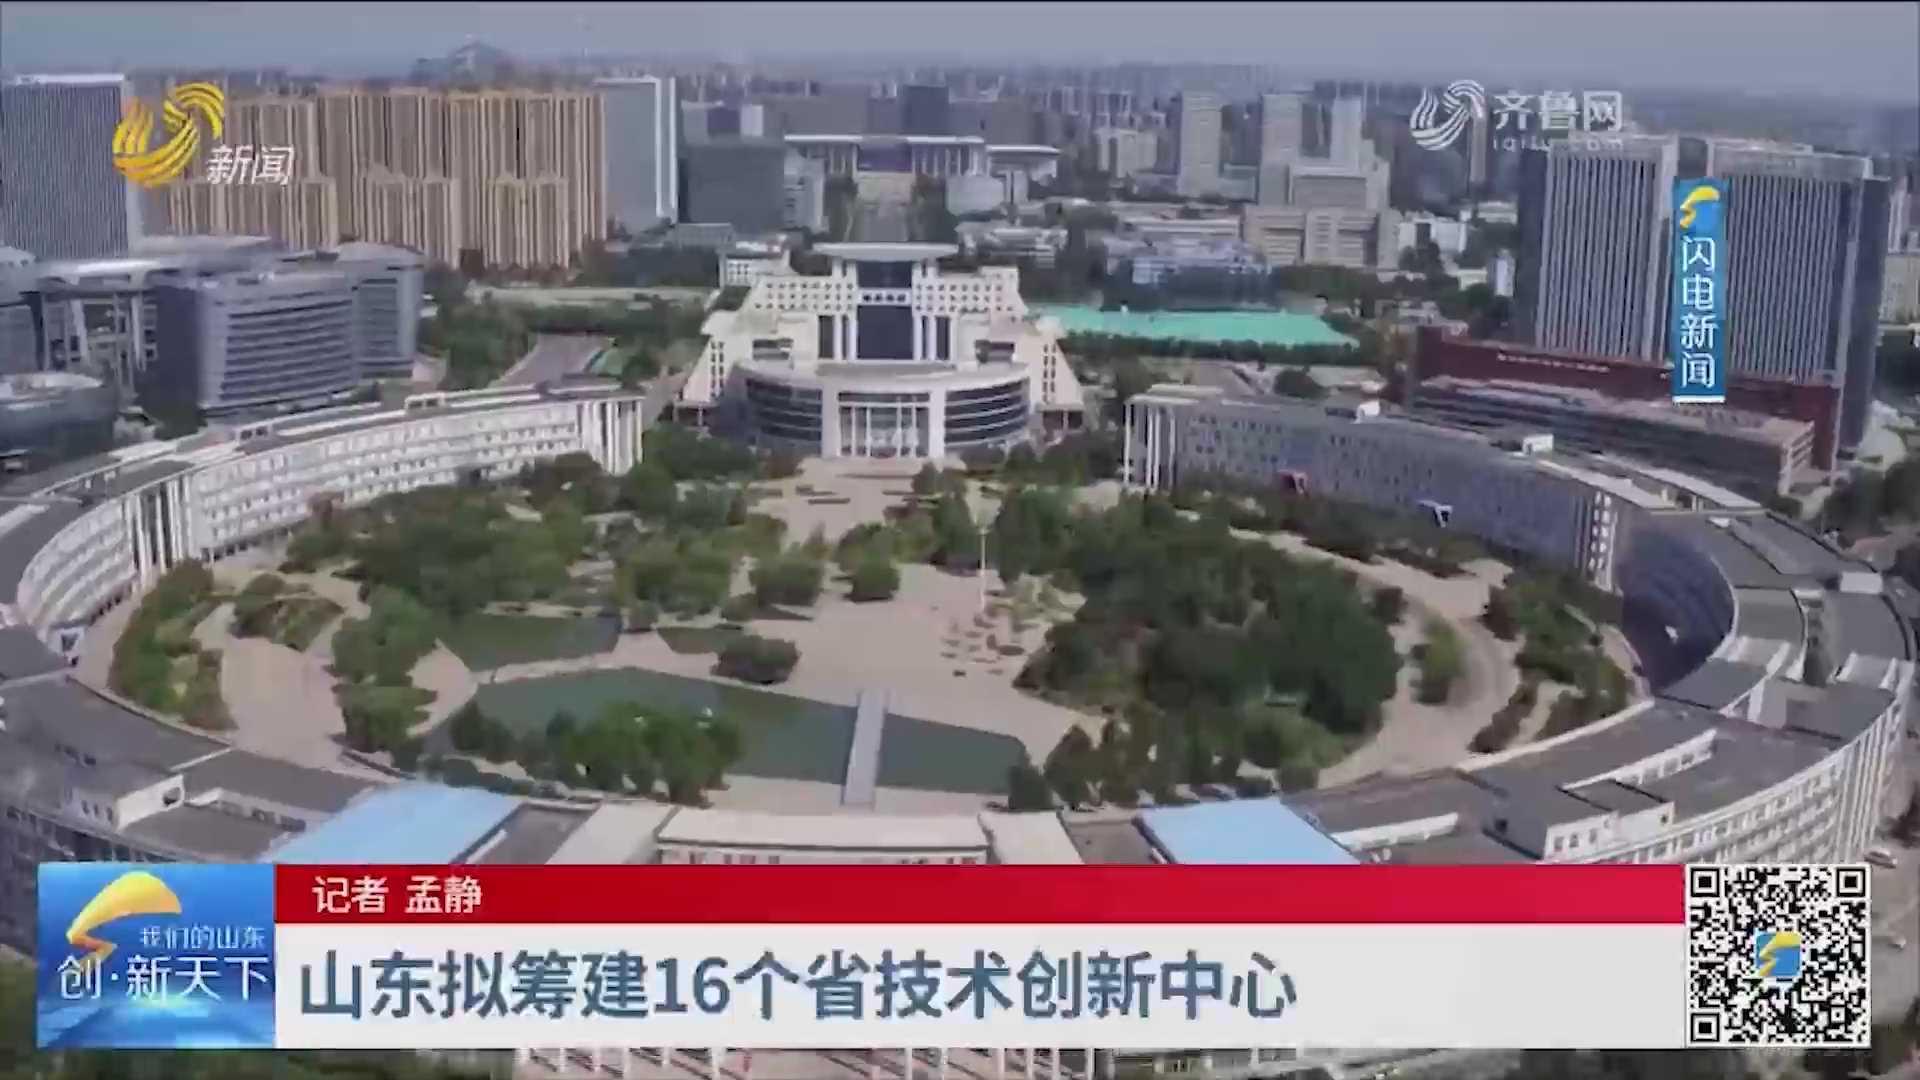 山东拟筹建16个省技术创新中心